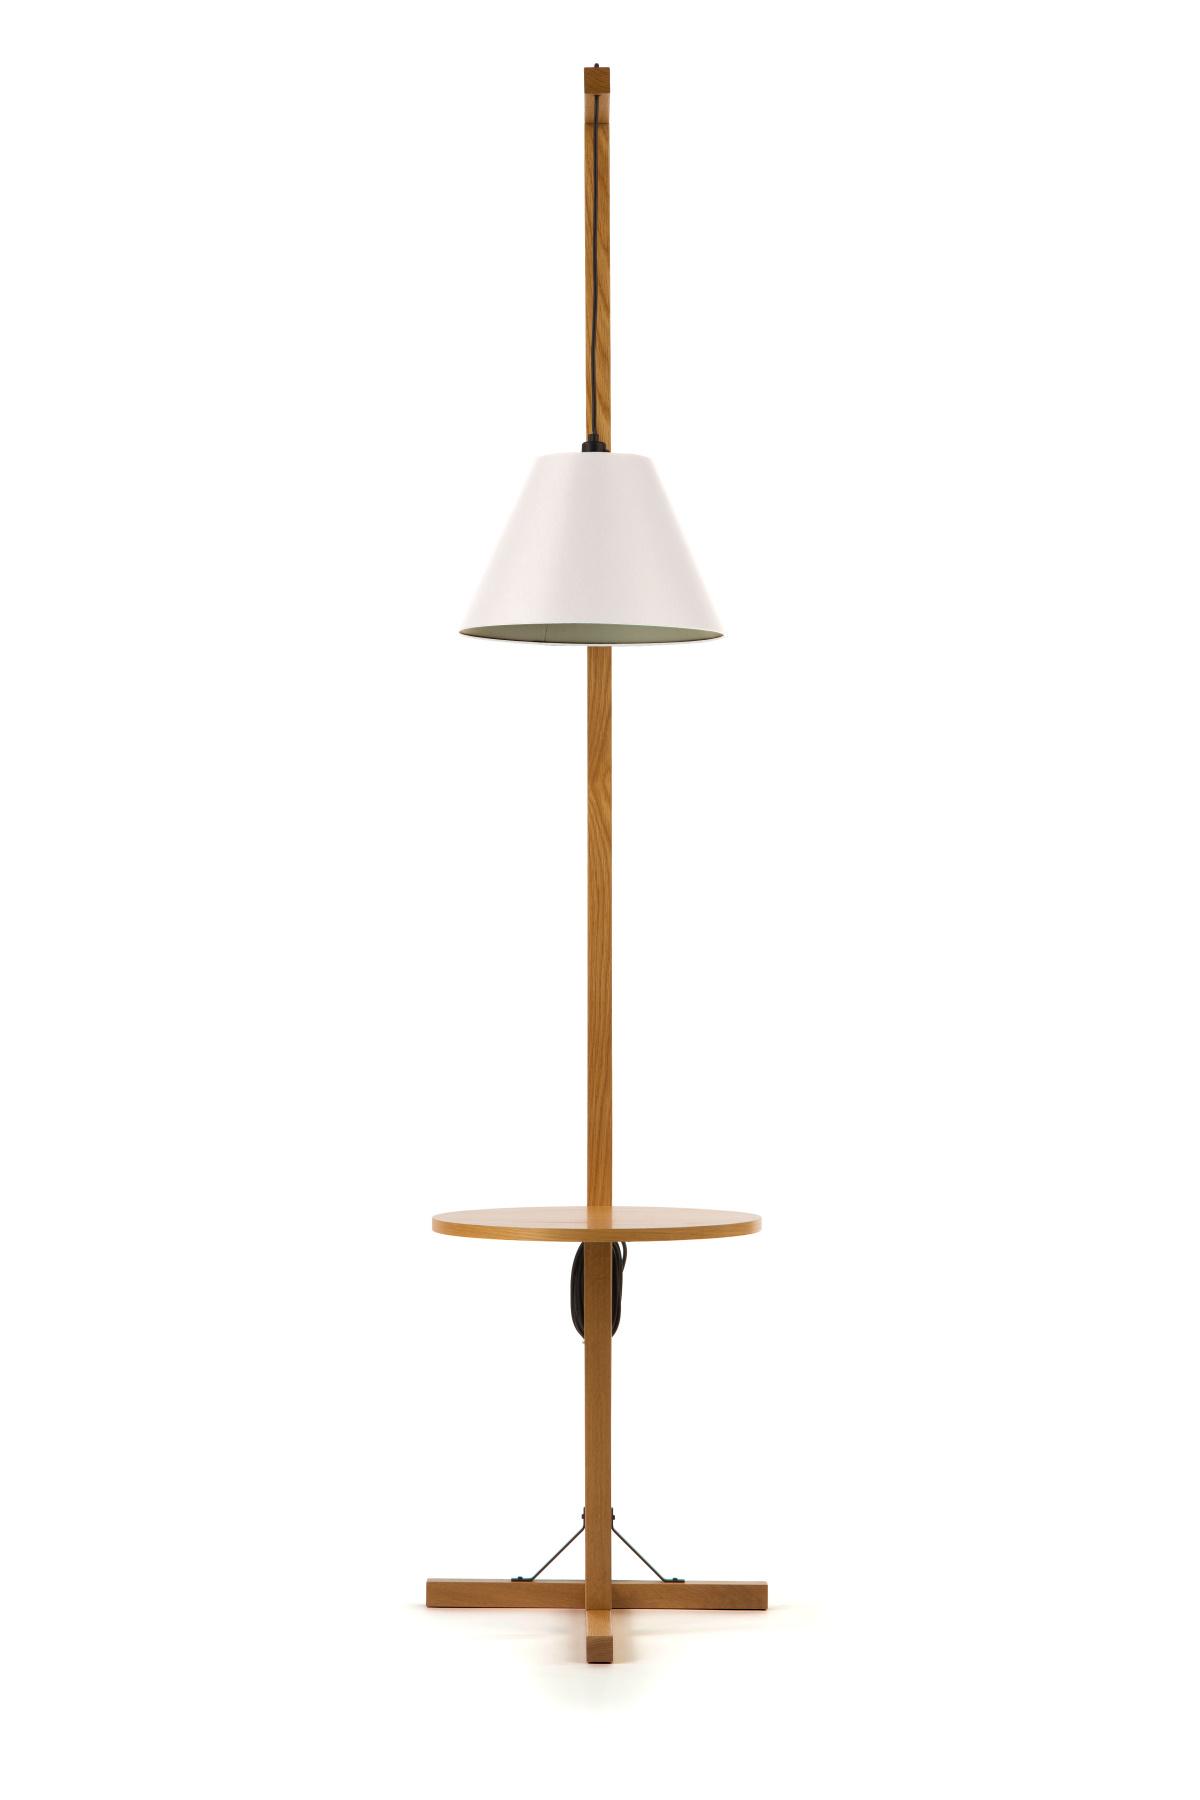 Full Size of Ikea Stehlampe Holz Wohnzimmer Modern Stehlampen Led Dimmbar Poco Esstisch Massiv Esstische Alu Fenster Massivholz Sofa Mit Schlaffunktion Unterschrank Bad Wohnzimmer Ikea Stehlampe Holz